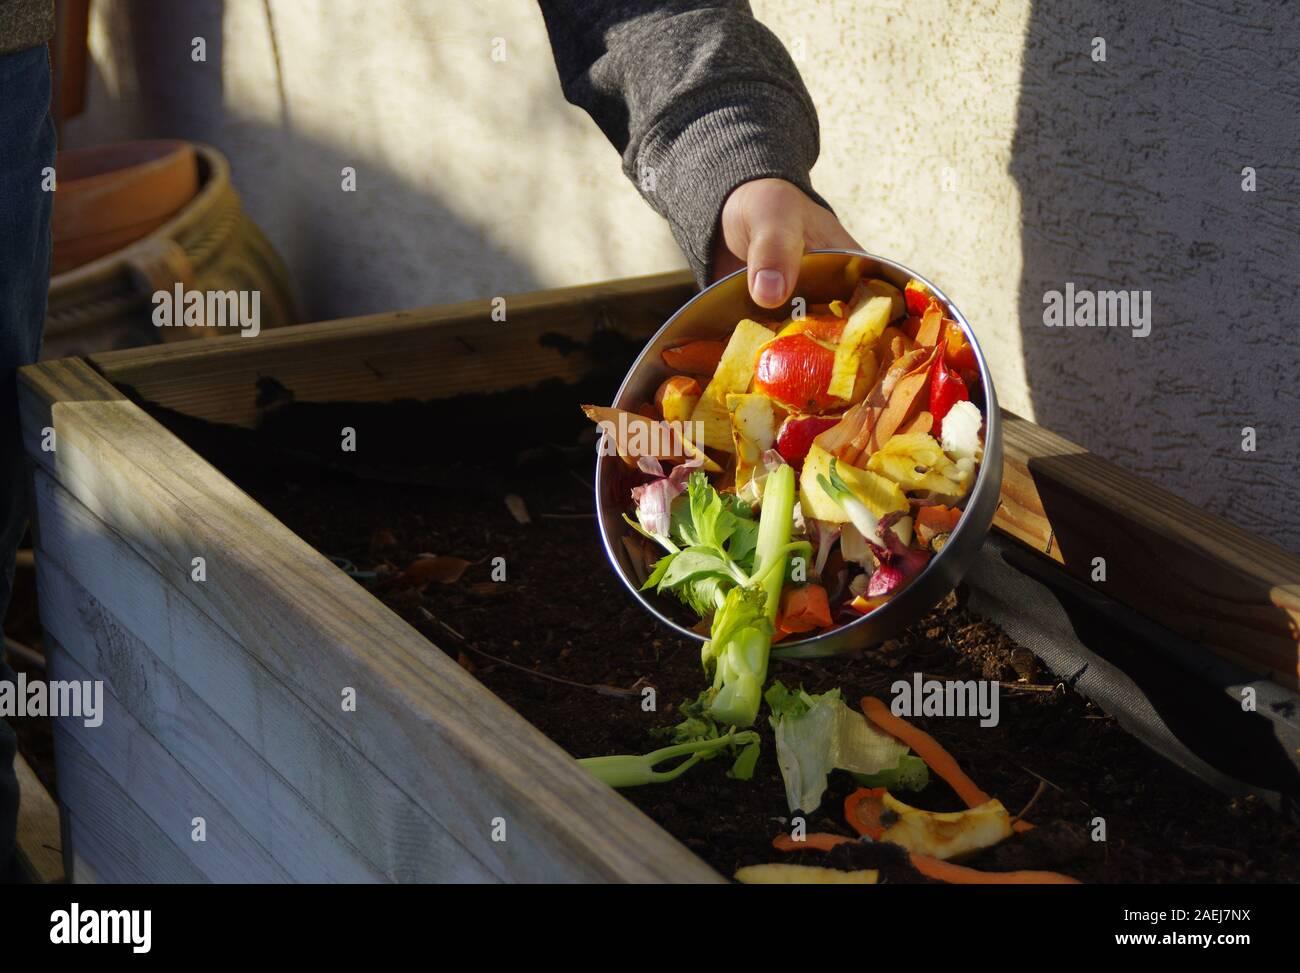 Suministro de compost ecología - Reciclaje de residuos de cocina en el patio de compostaje. Estilo de vida respetuoso con el medio ambiente. El hombre genera sobras de verduras de th Foto de stock